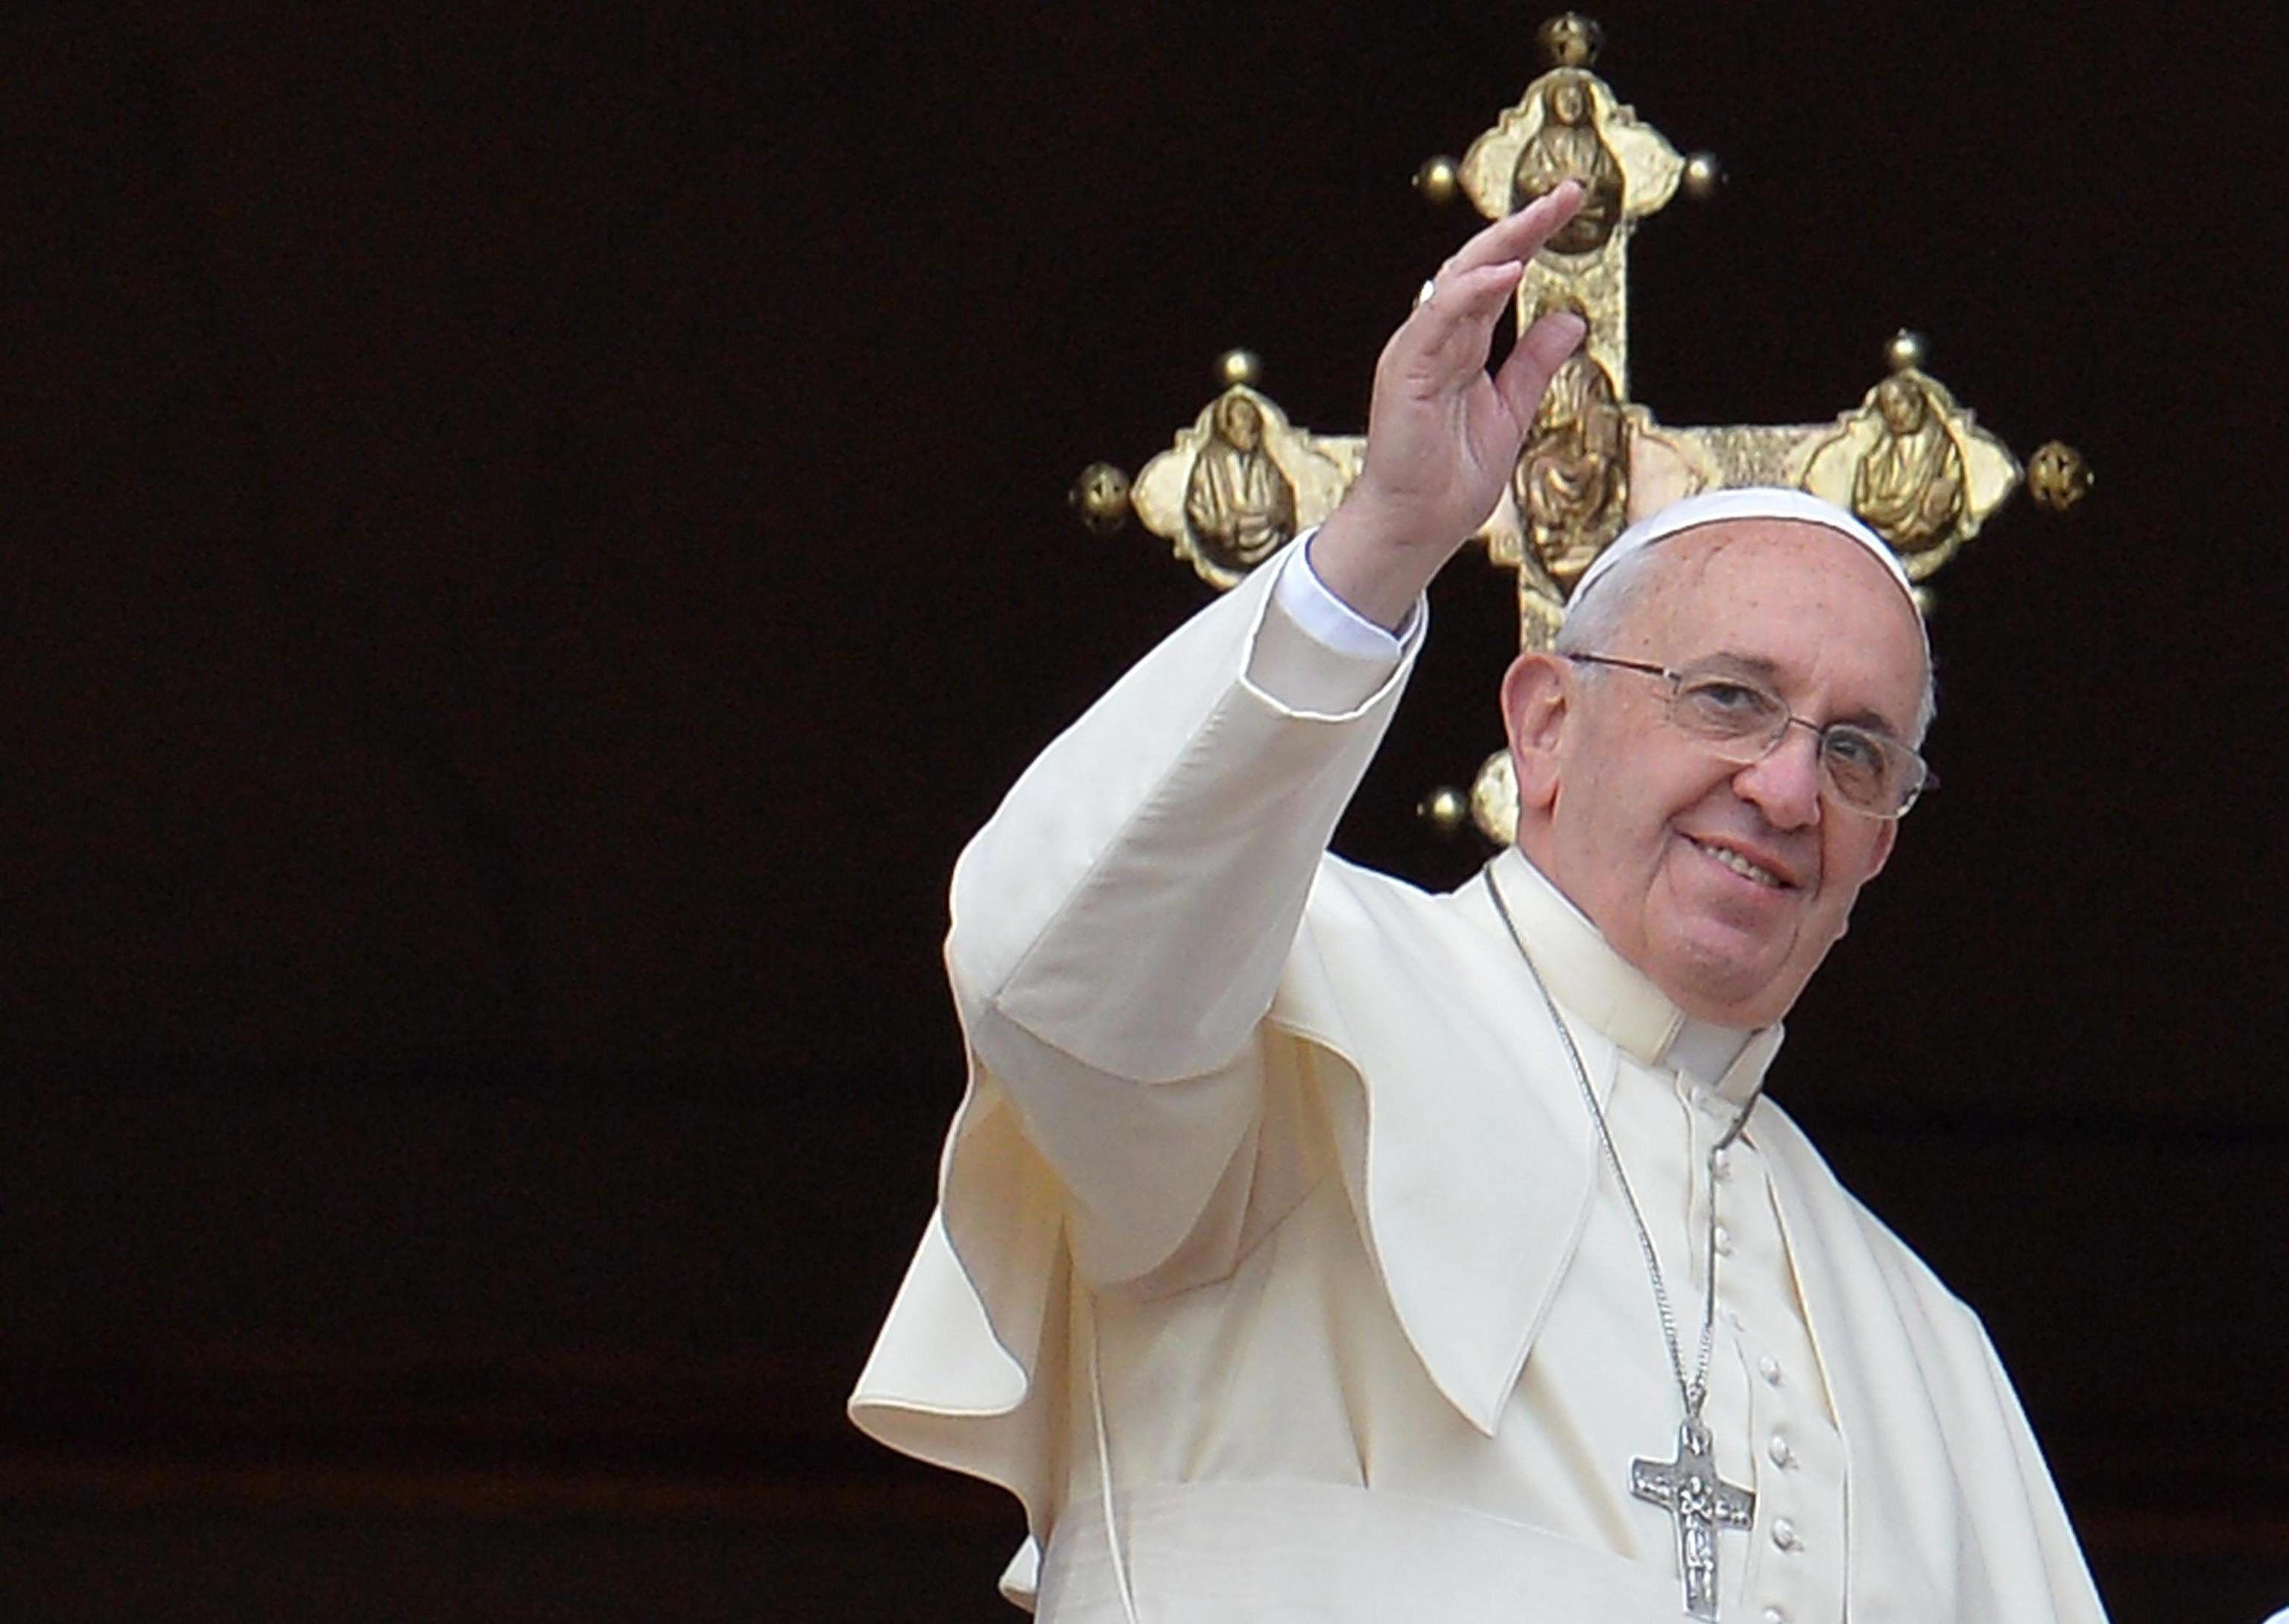 El Papa Francisco pidió por la libertad religiosa